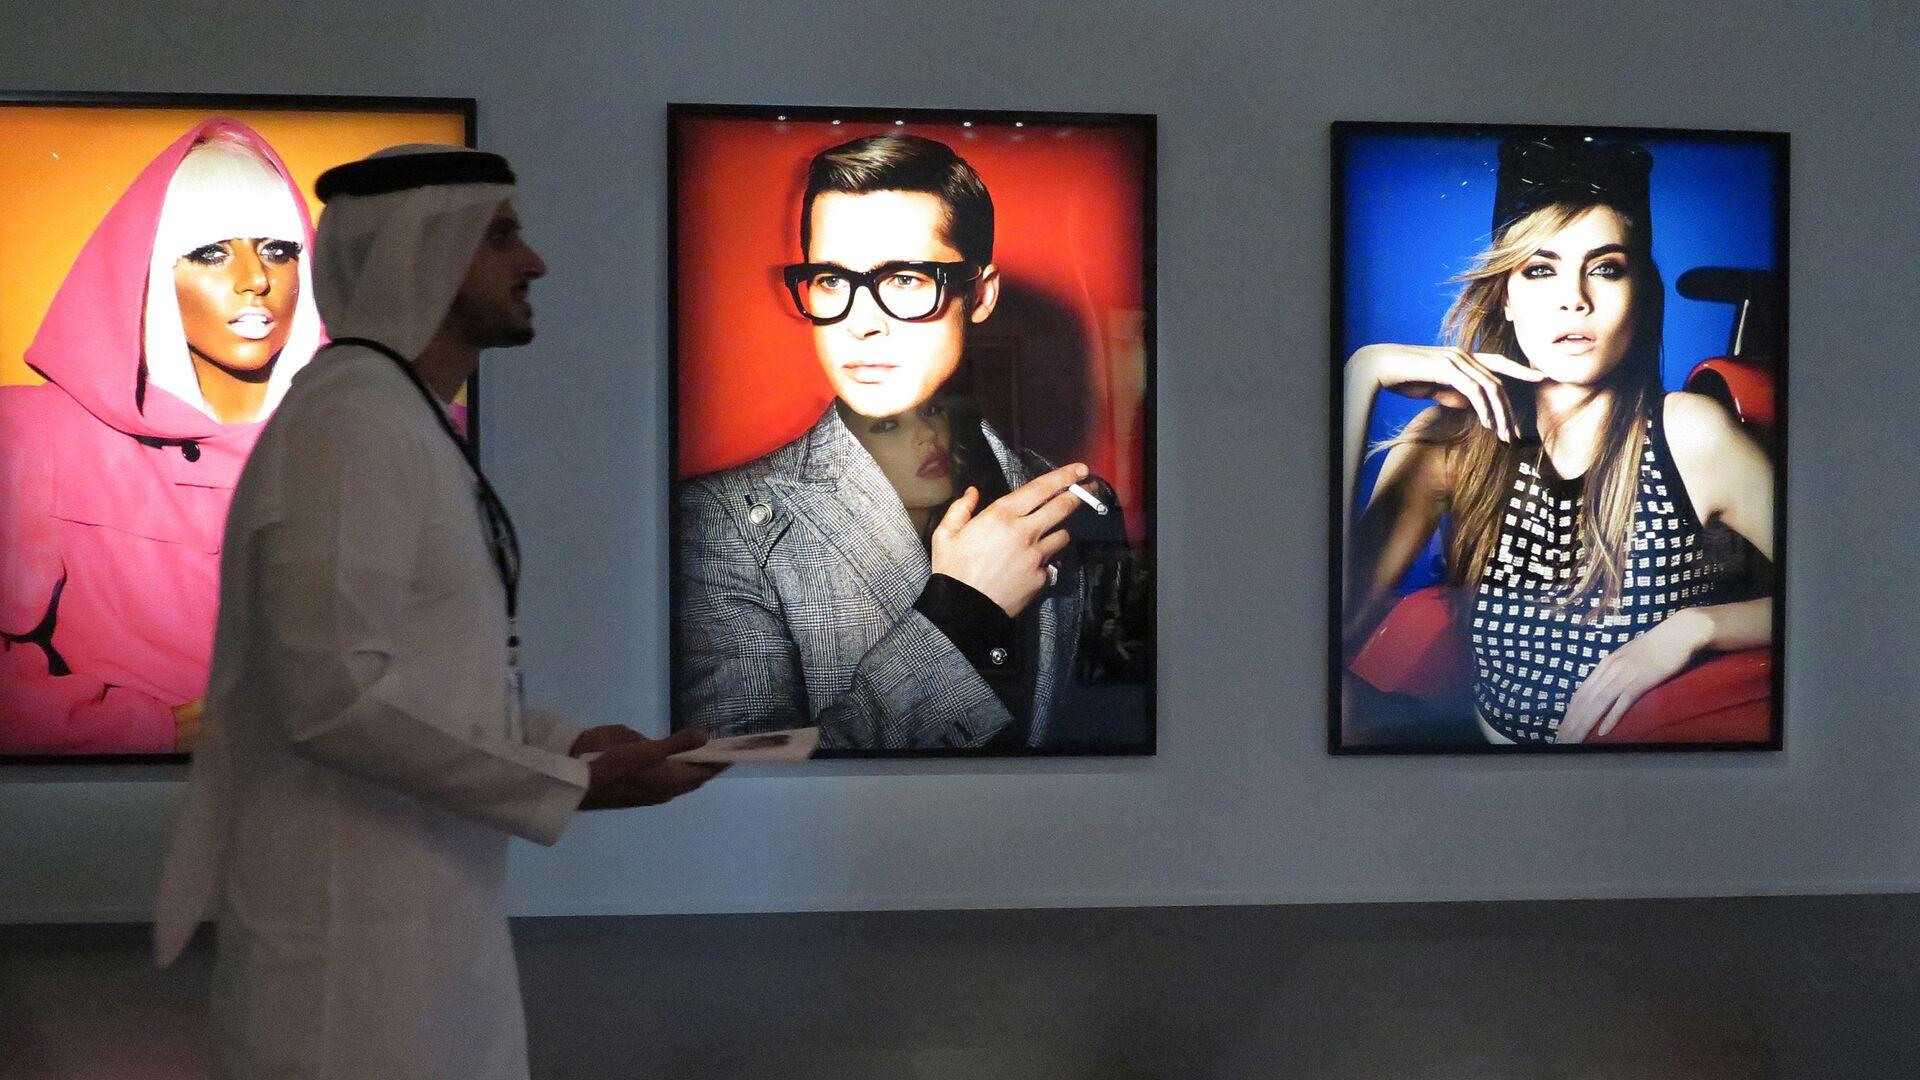 Посетитель фотовыставки в Дубае проходит мимом коллекции Heat перуанского фотографа и дизайнера Mario Testino  - Sputnik Italia, 1920, 07.07.2021